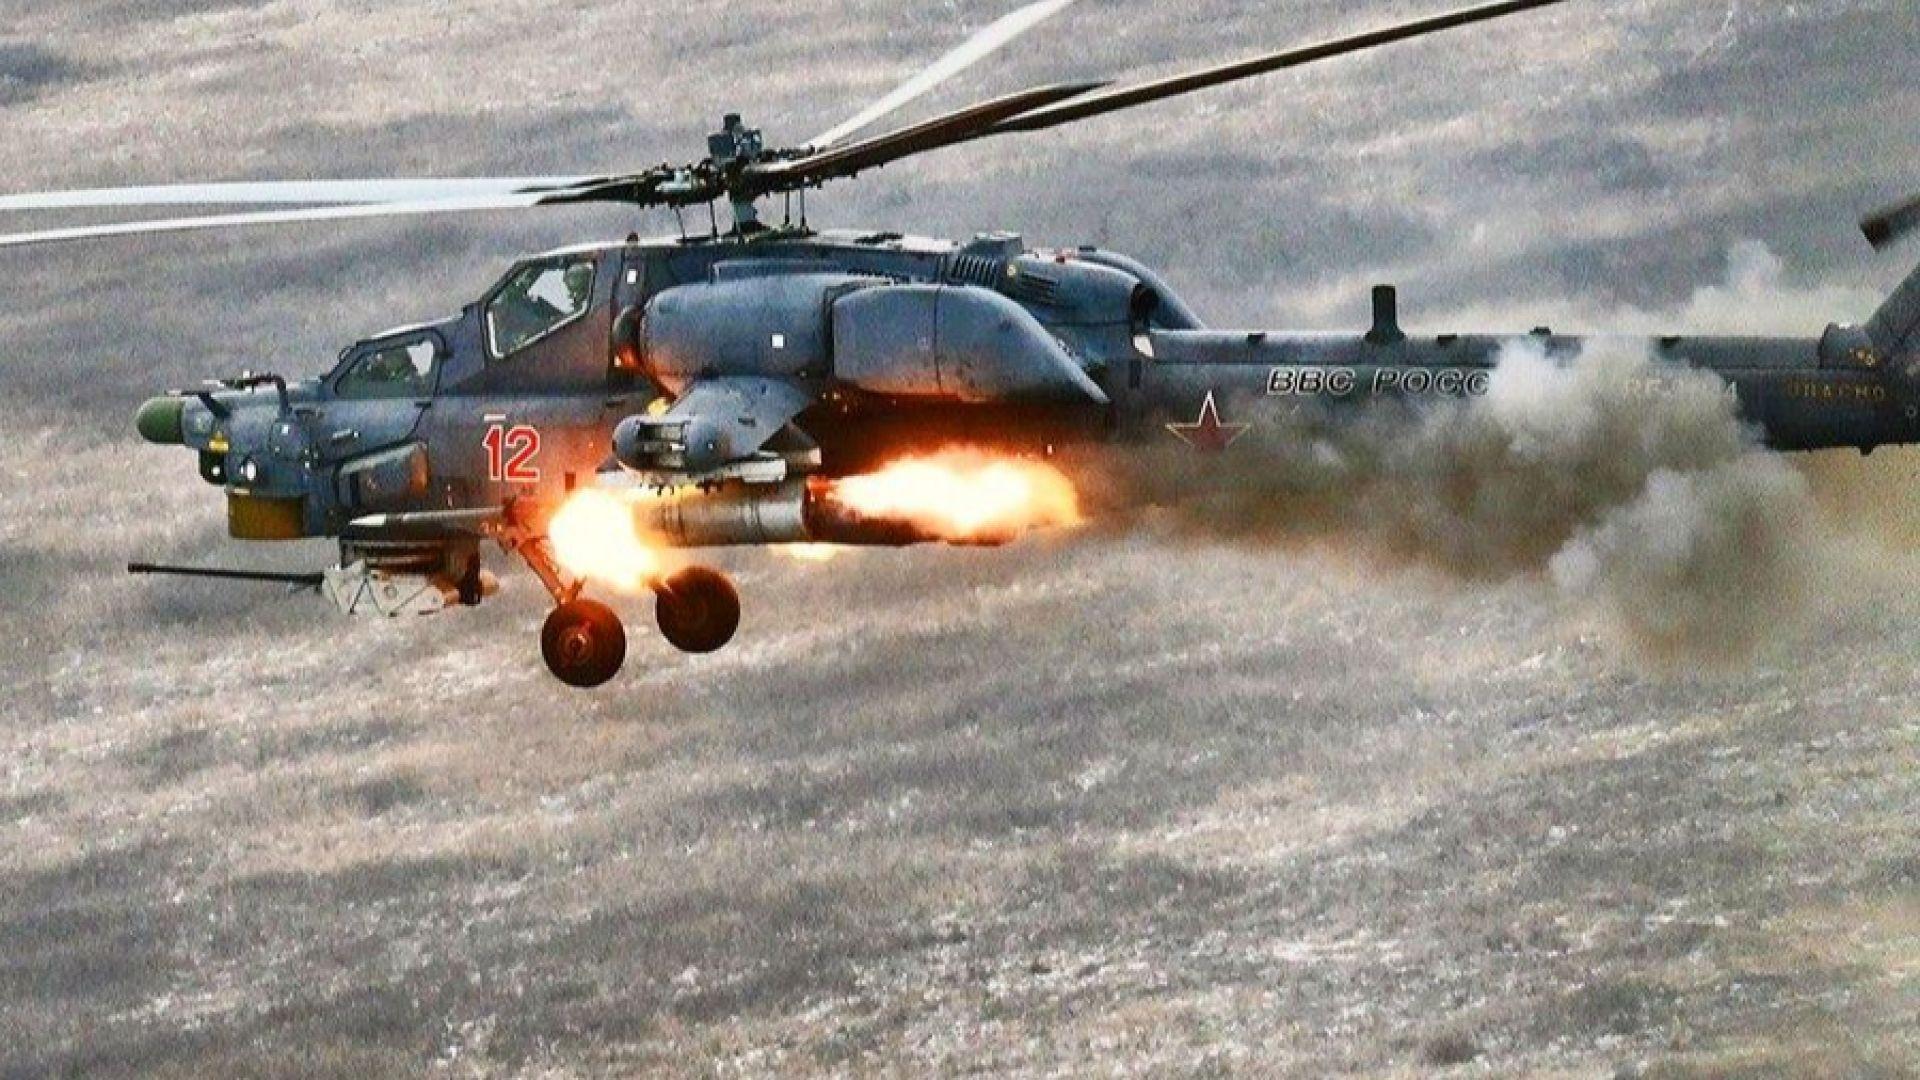 Русия превръща Ми-28 в летящ танк (снимки)